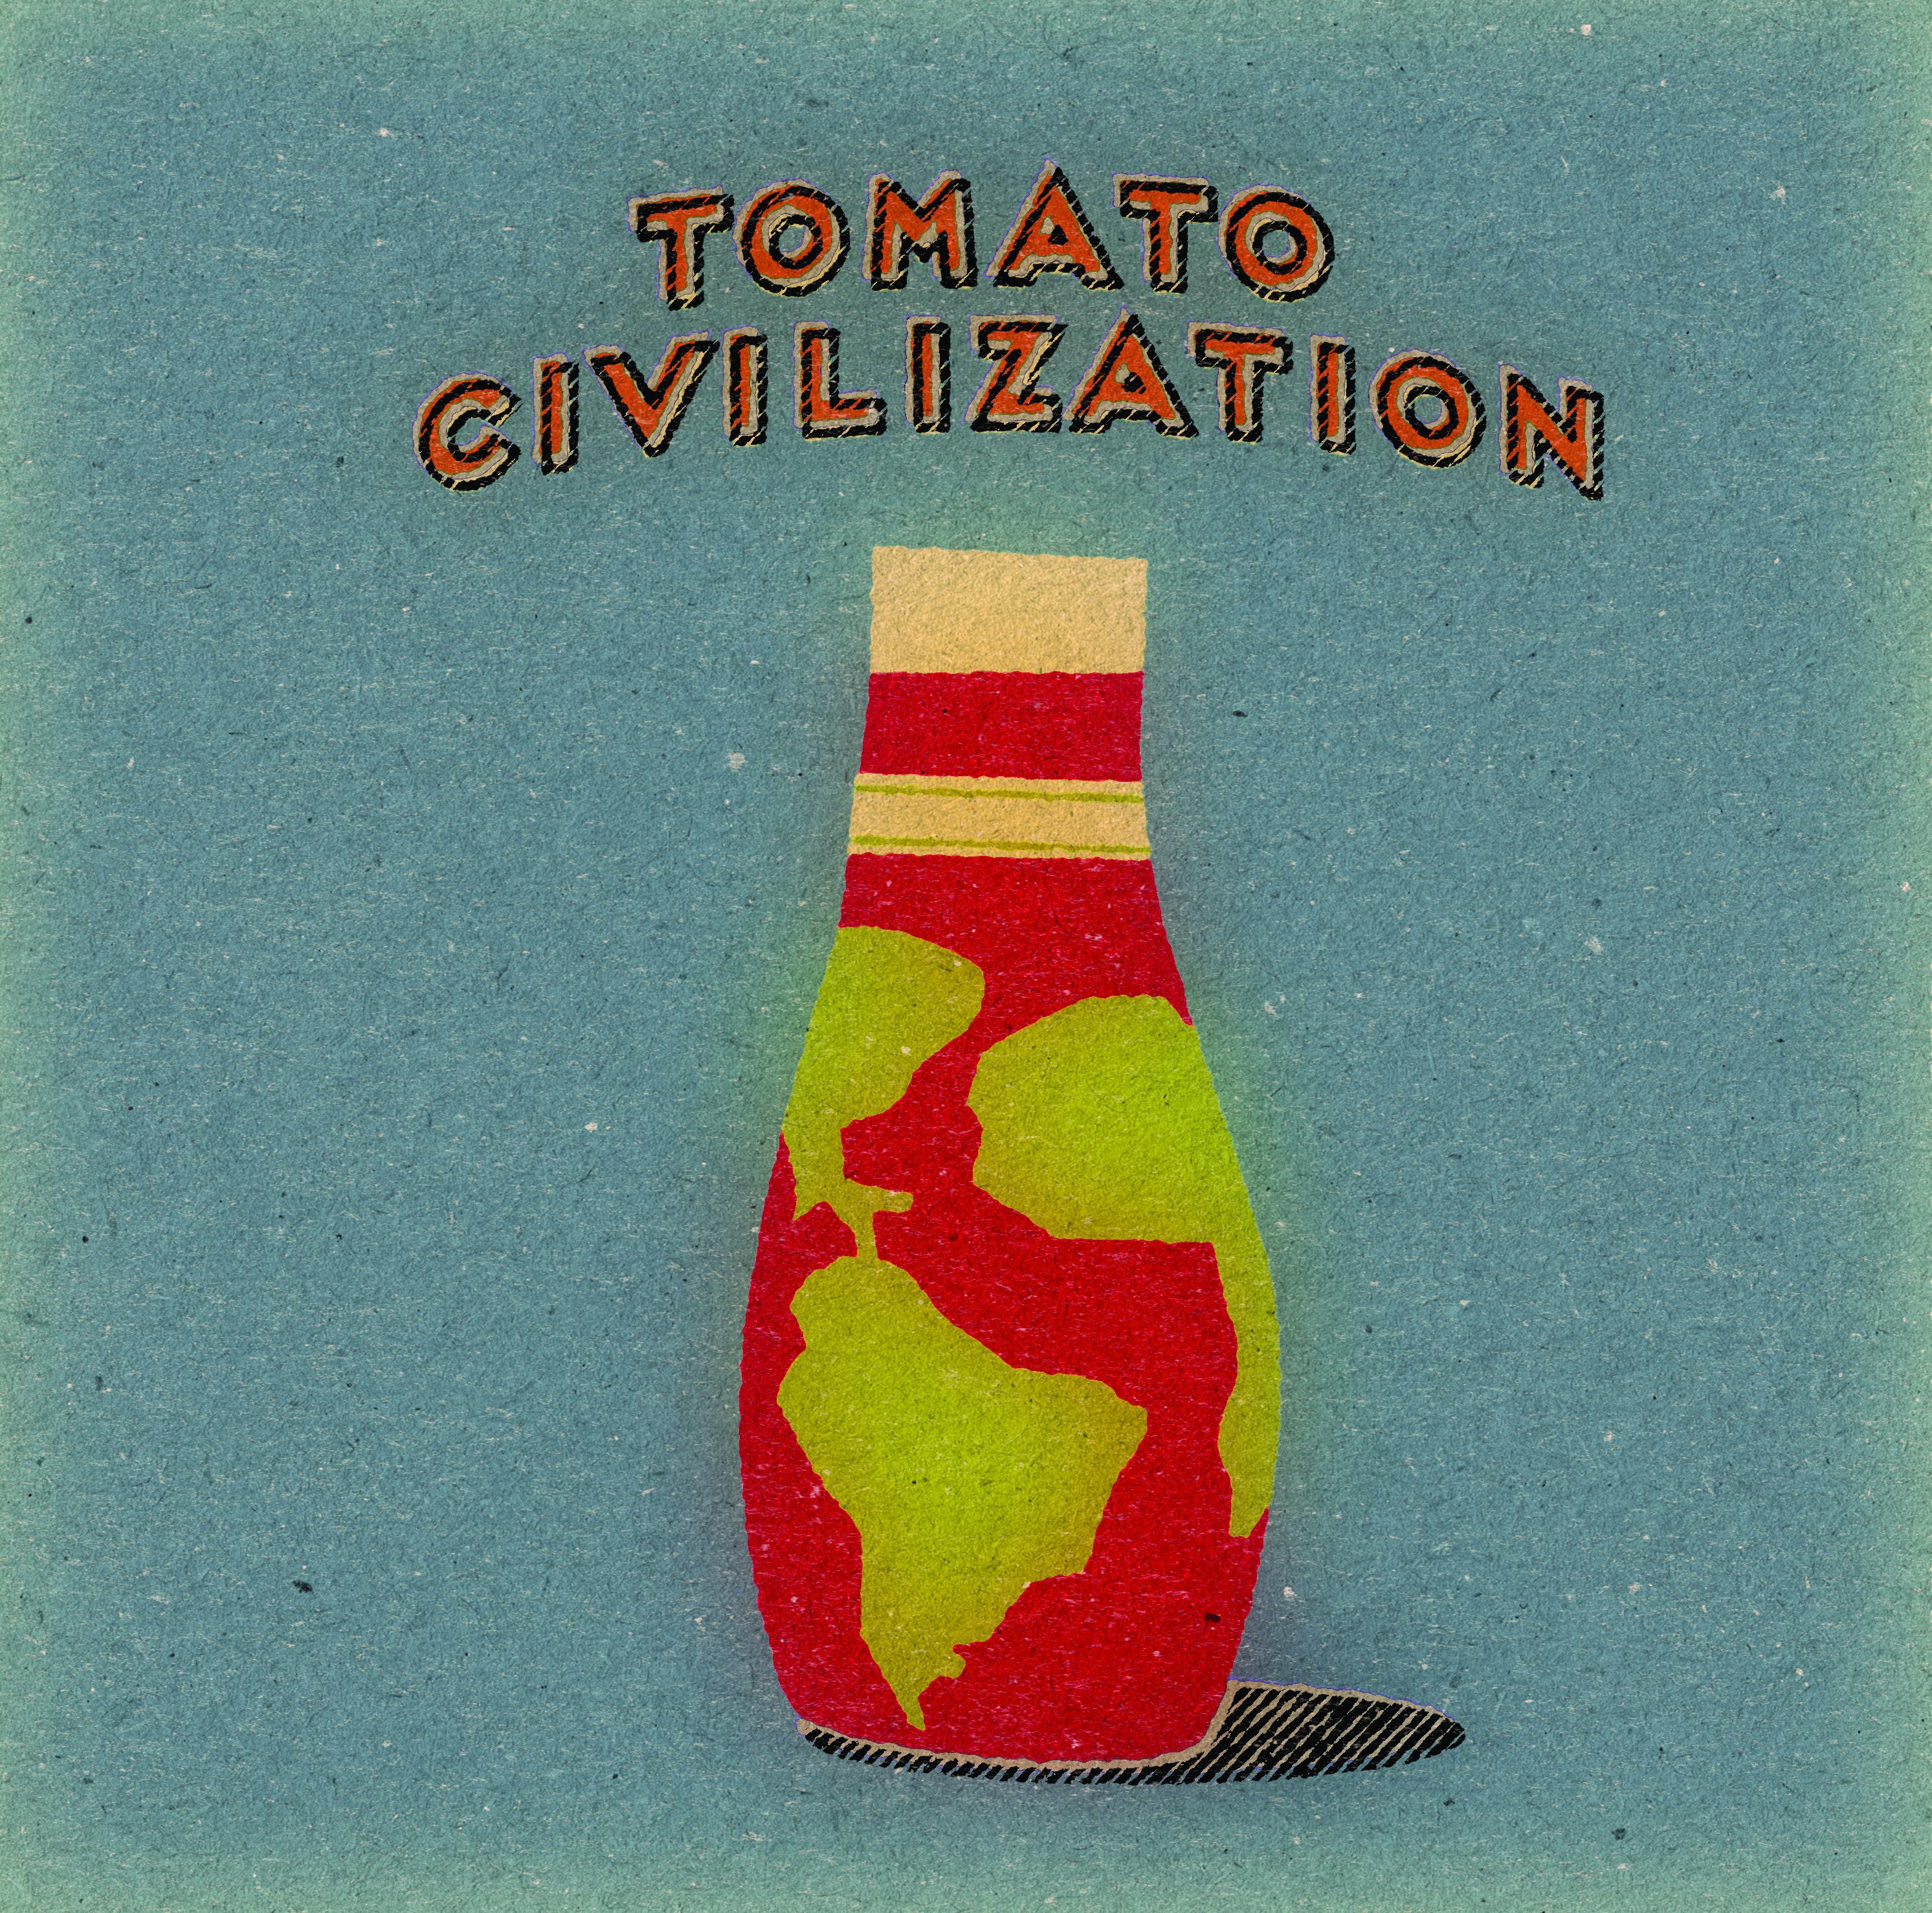 19-tomato